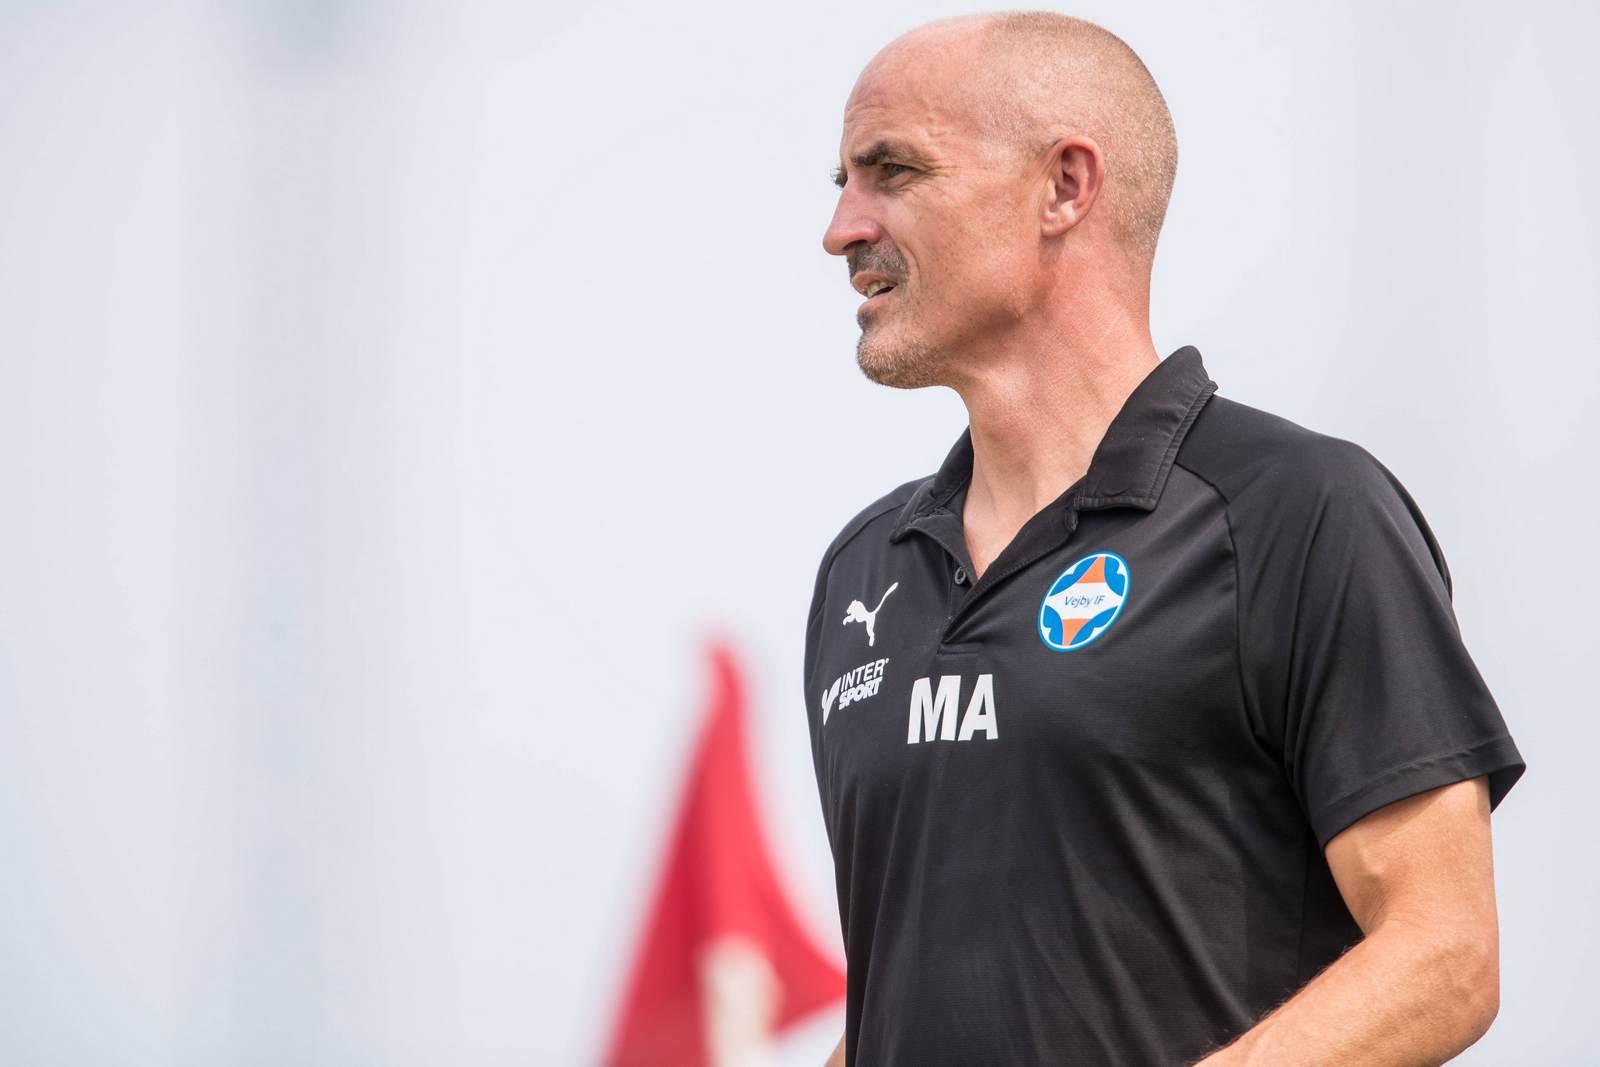 Magnus Arvidsson als Trainer von Vejby IF